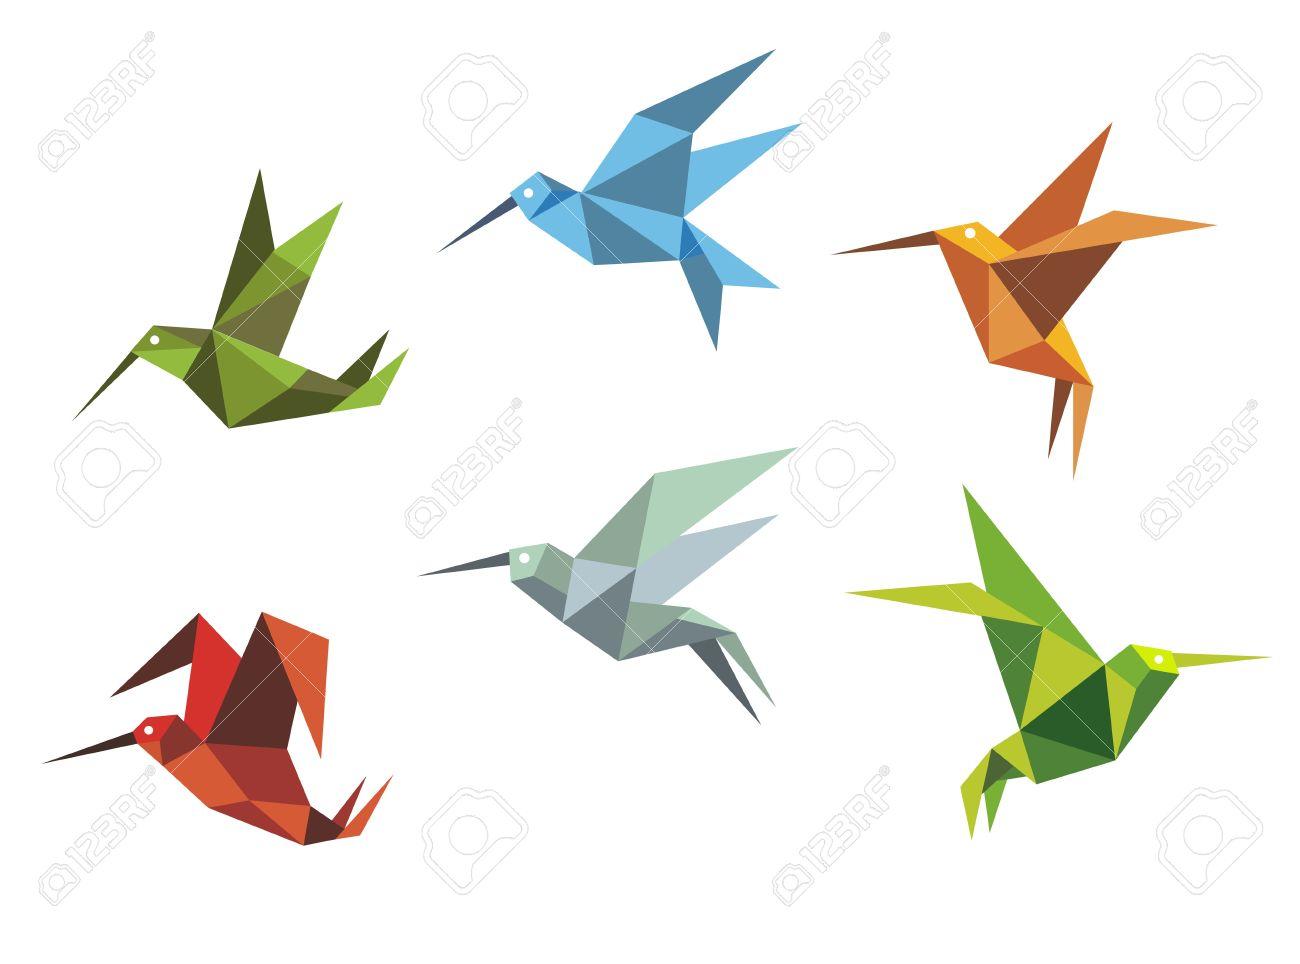 Origami Le colorful colibris volants dans le style origami isolé sur fond blanc